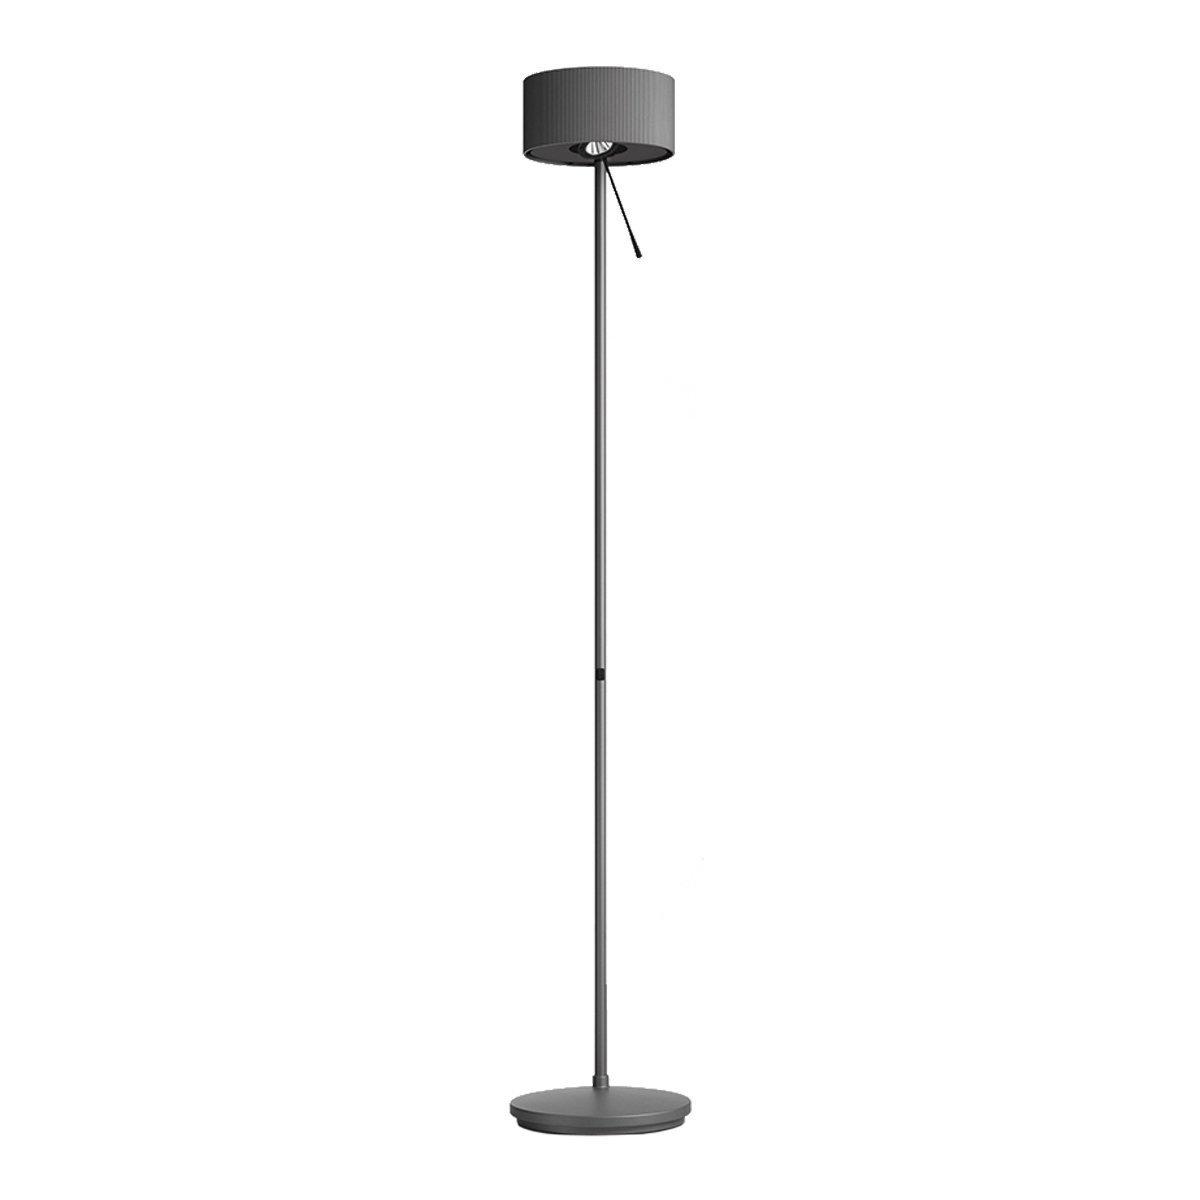 Diogenes Vloerlamp Grafiet - Belux